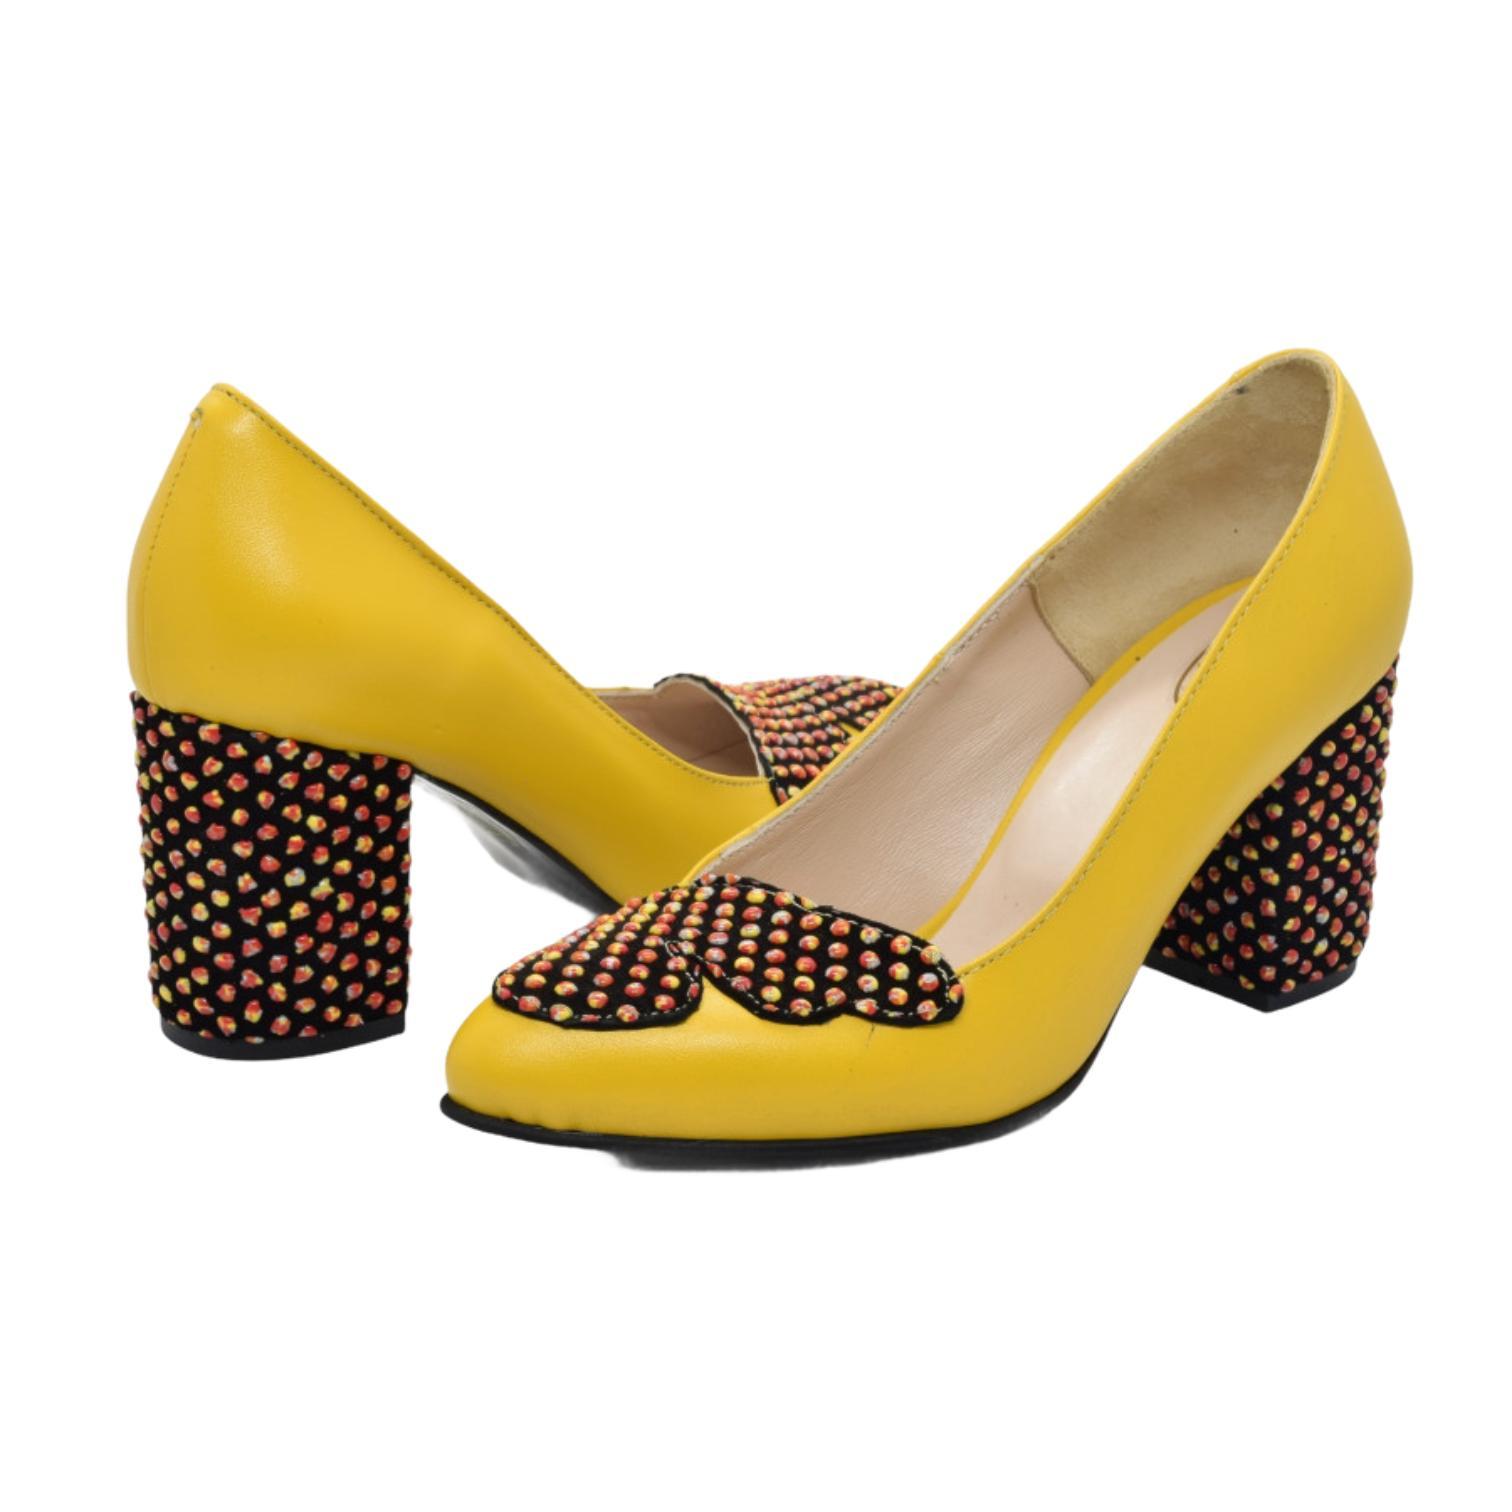 Pantofi galbeni cu accesoriu si toc cu aplicatii sferice